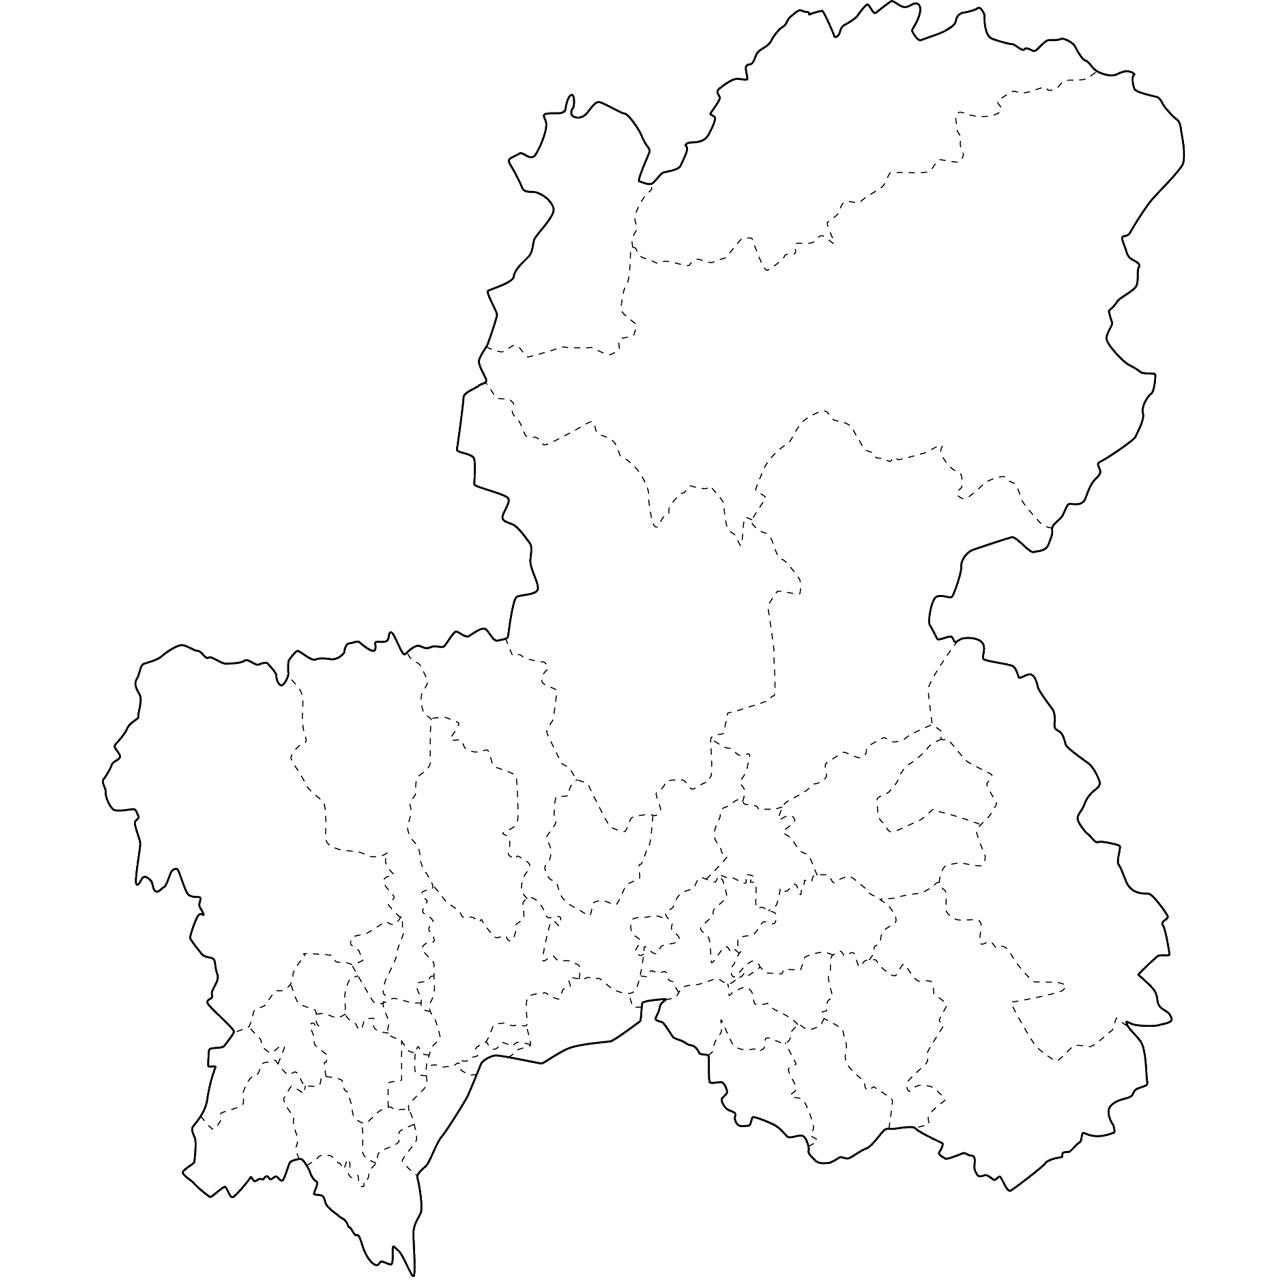 前へ 無料の日本地図イラスト集 - 岐阜県「白地図